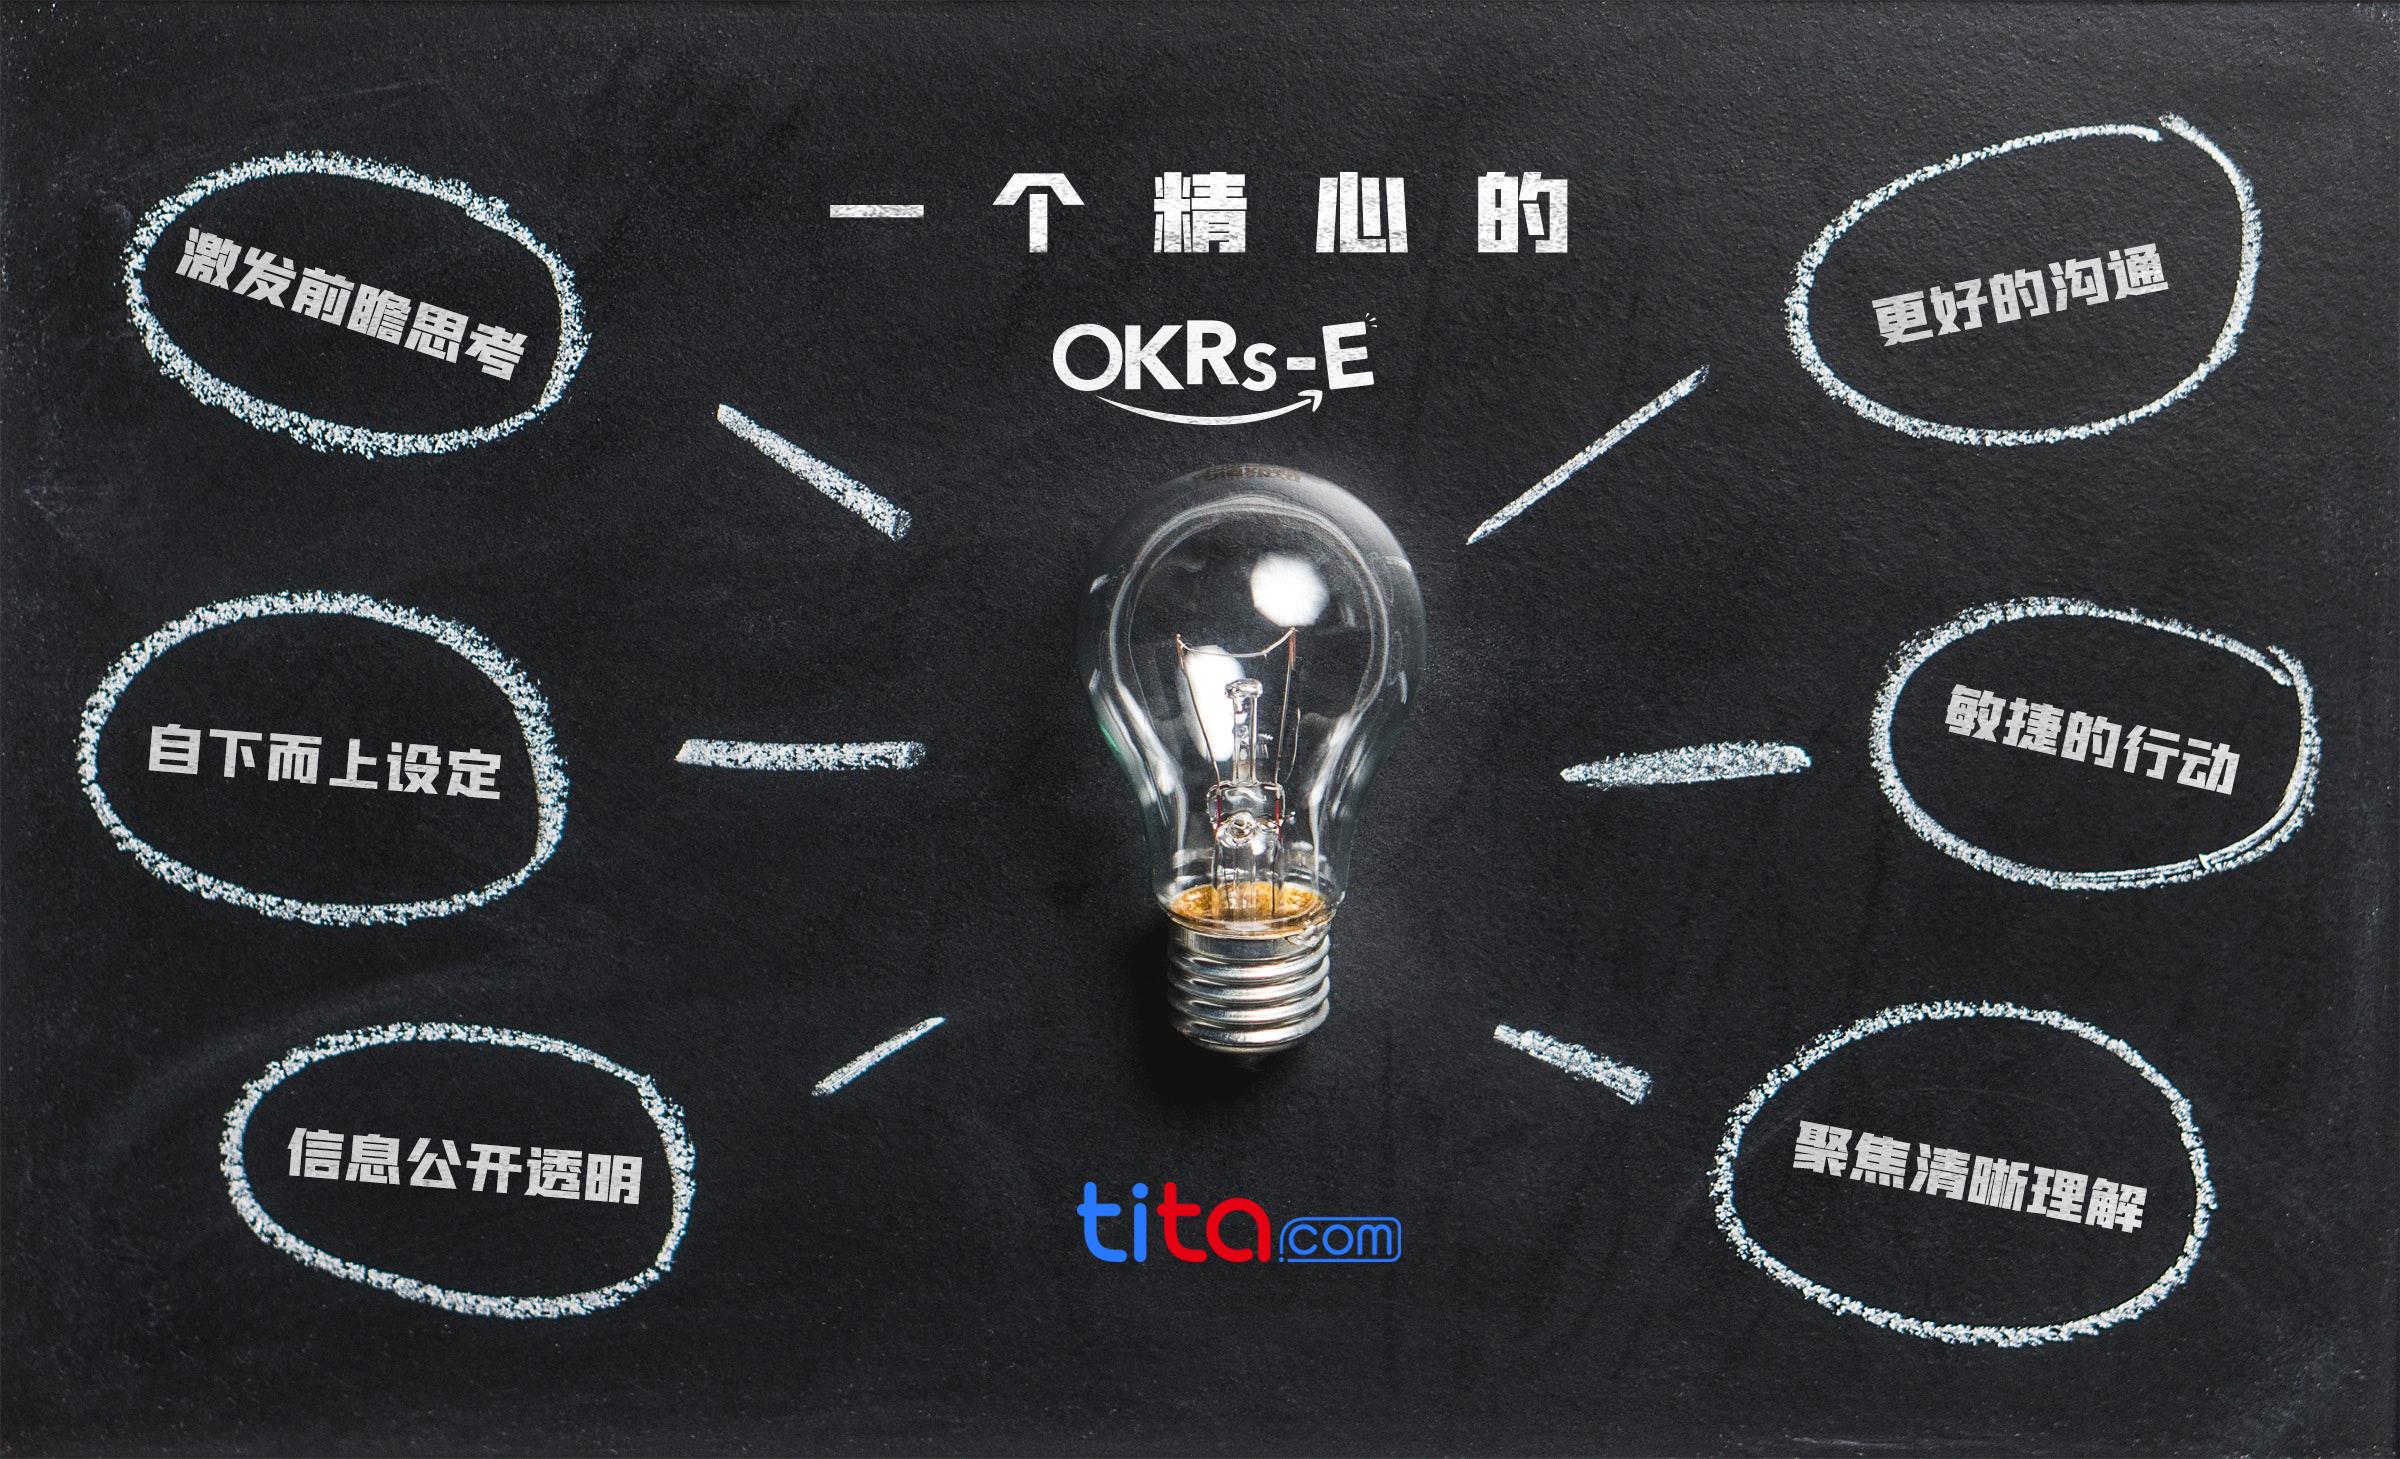 OKR清单:您的公司准备好实现目标和关键结果了吗?